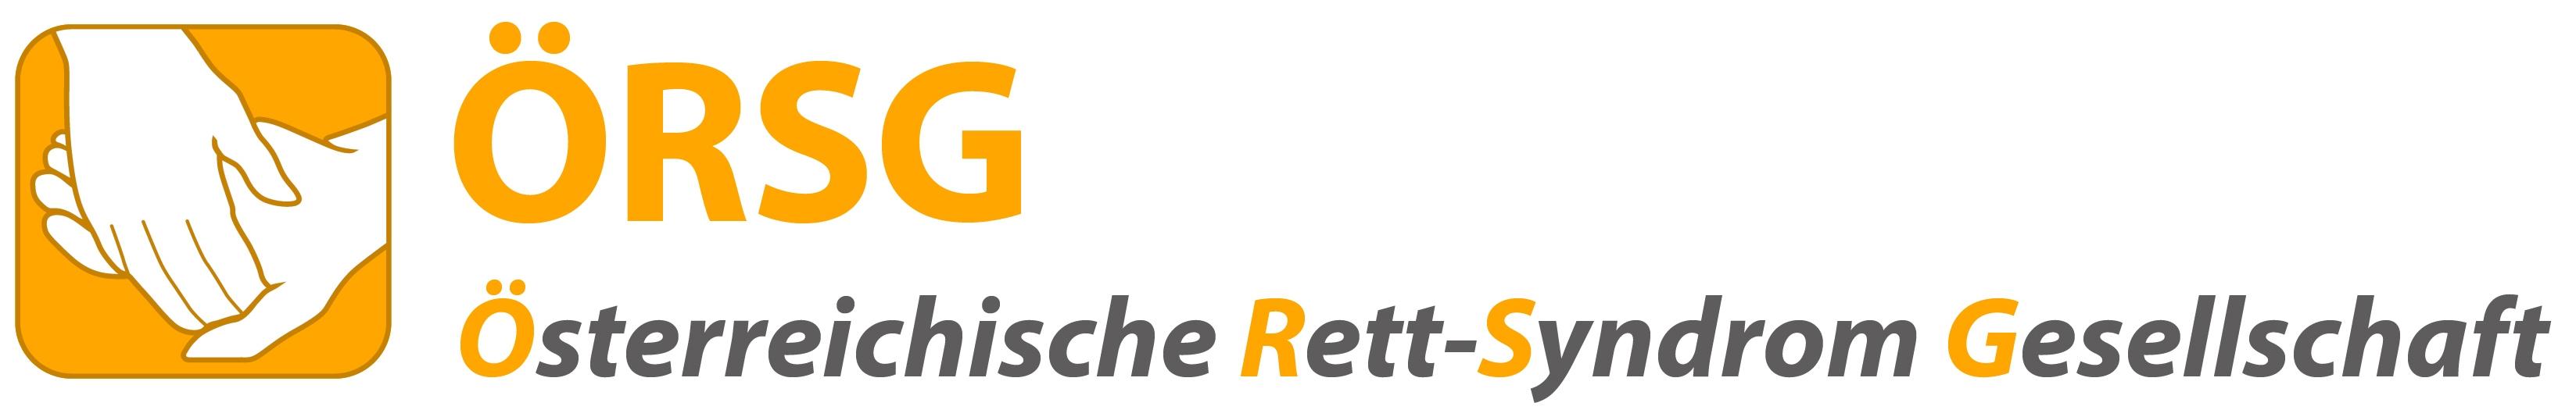 Österreichische Rett-Syndrom-Gesellschaft